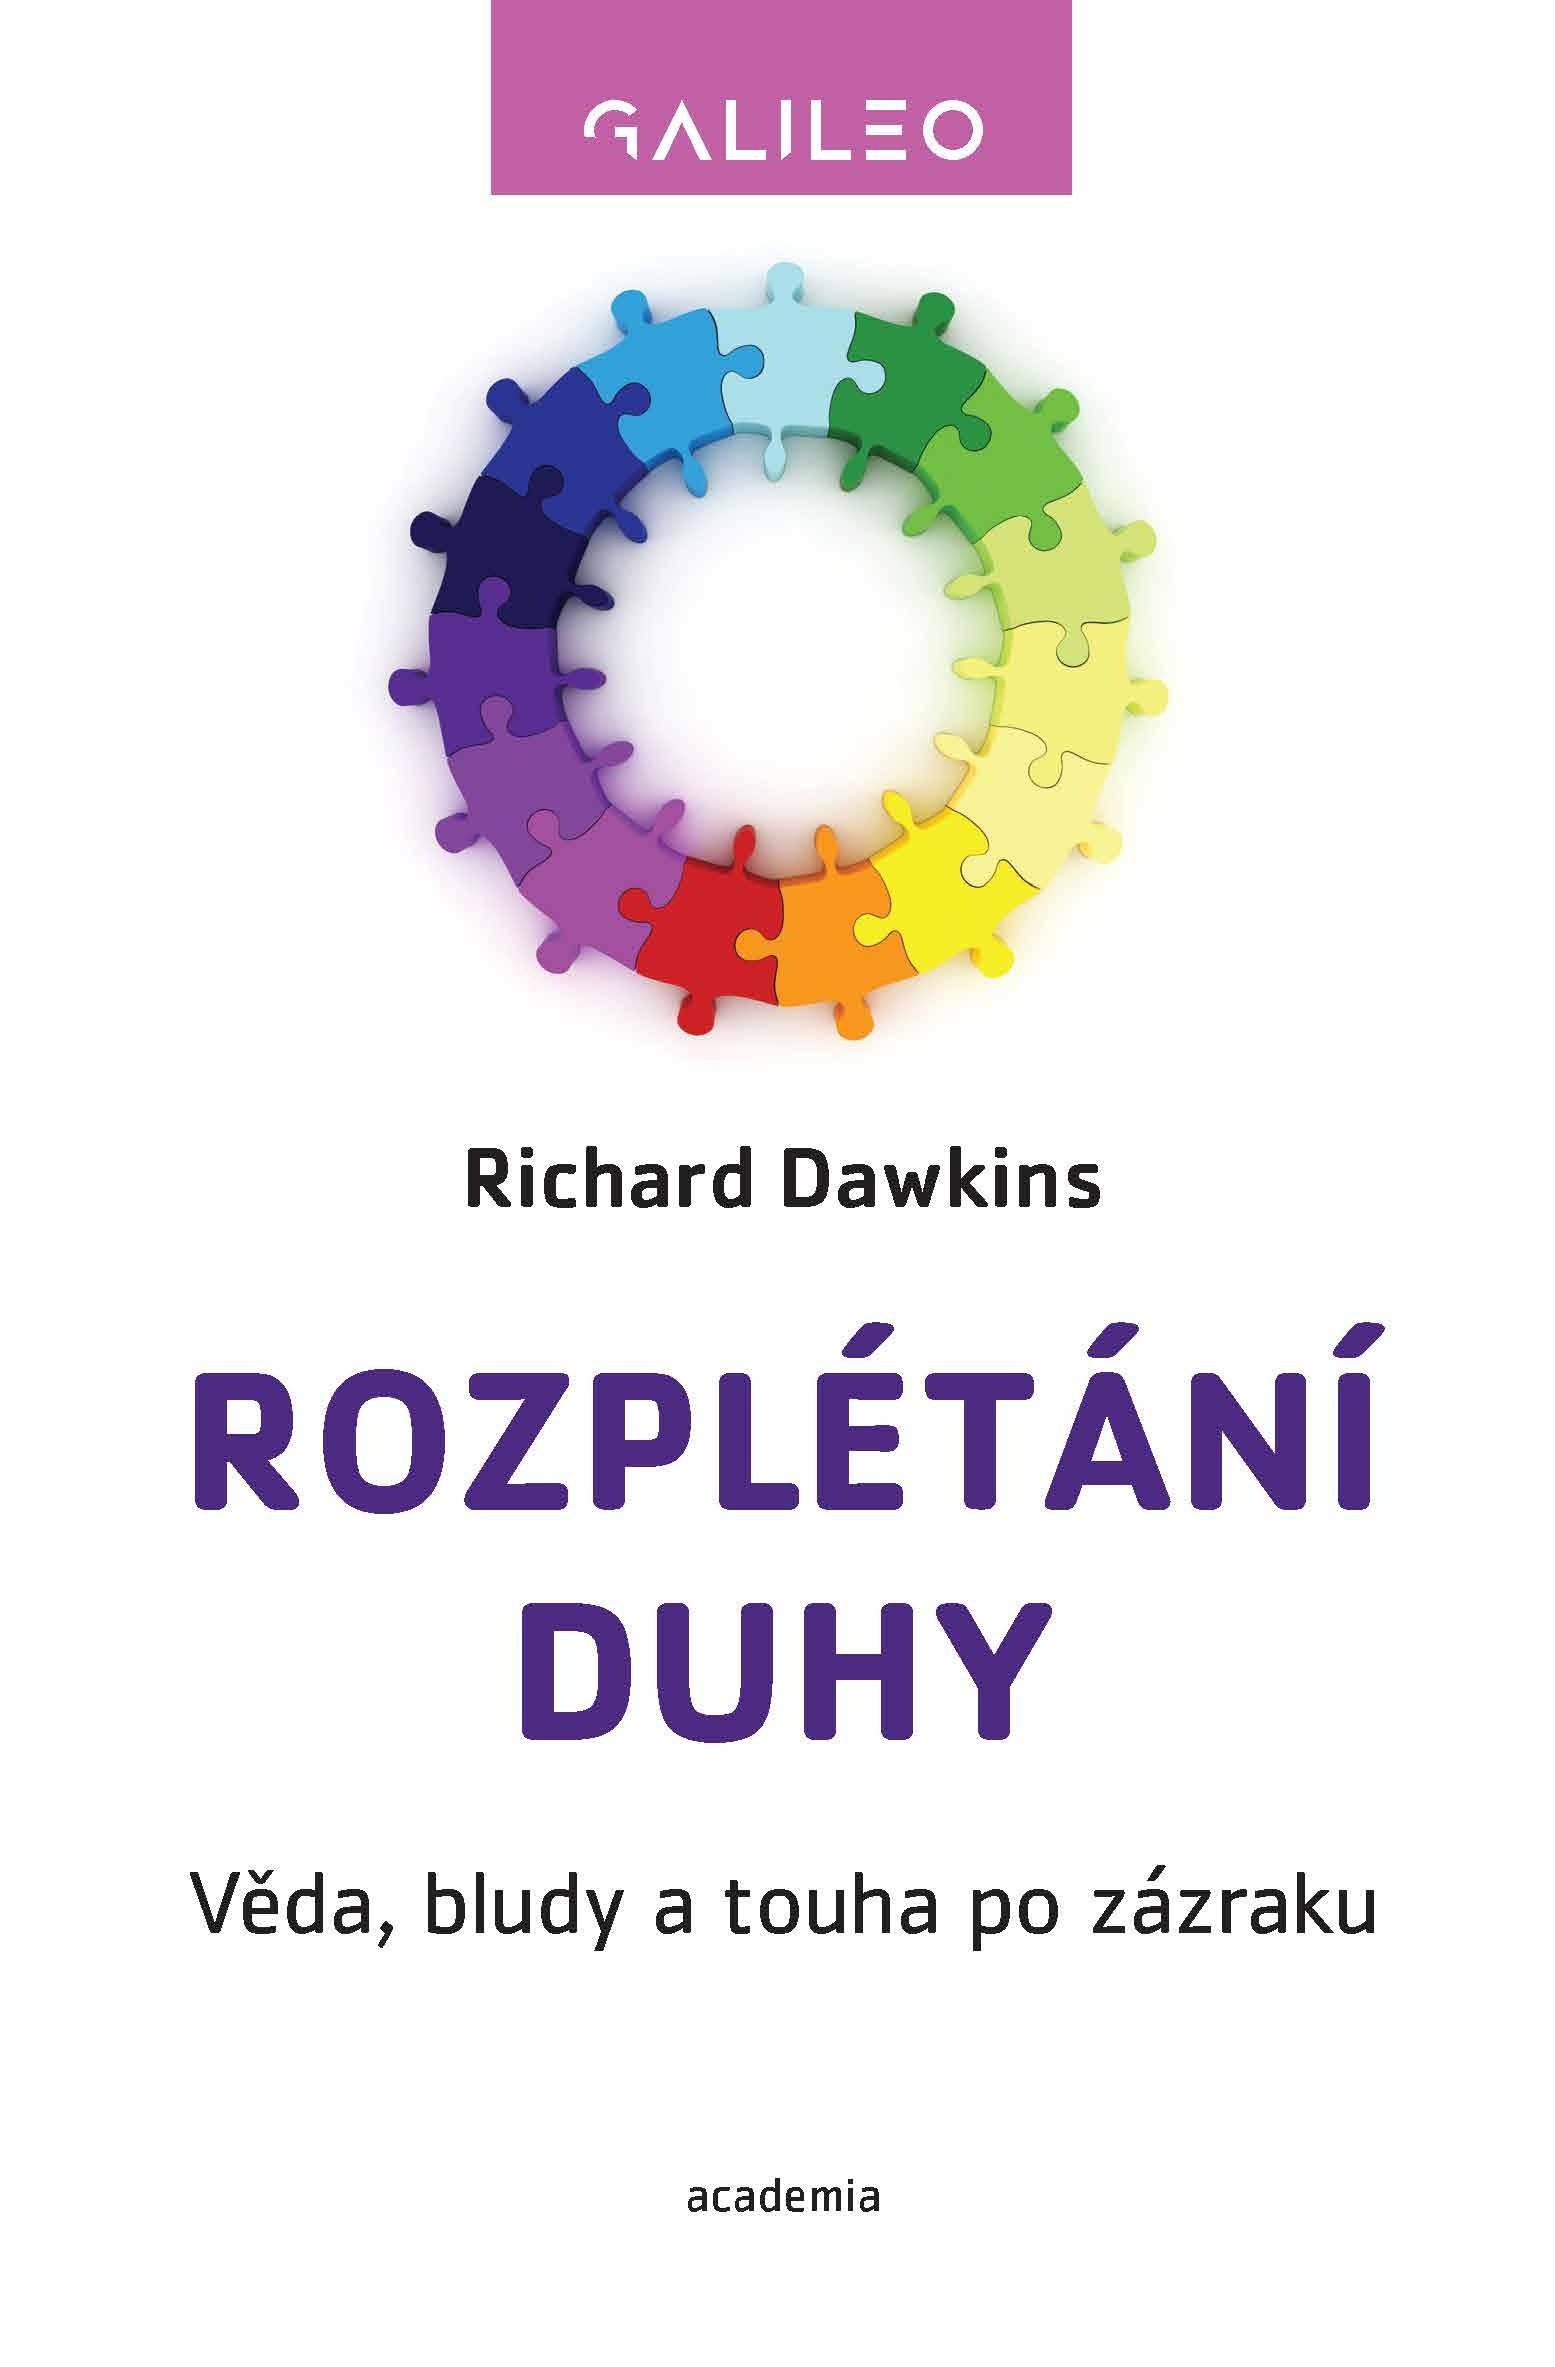 richard dawkins rozplétání duhy